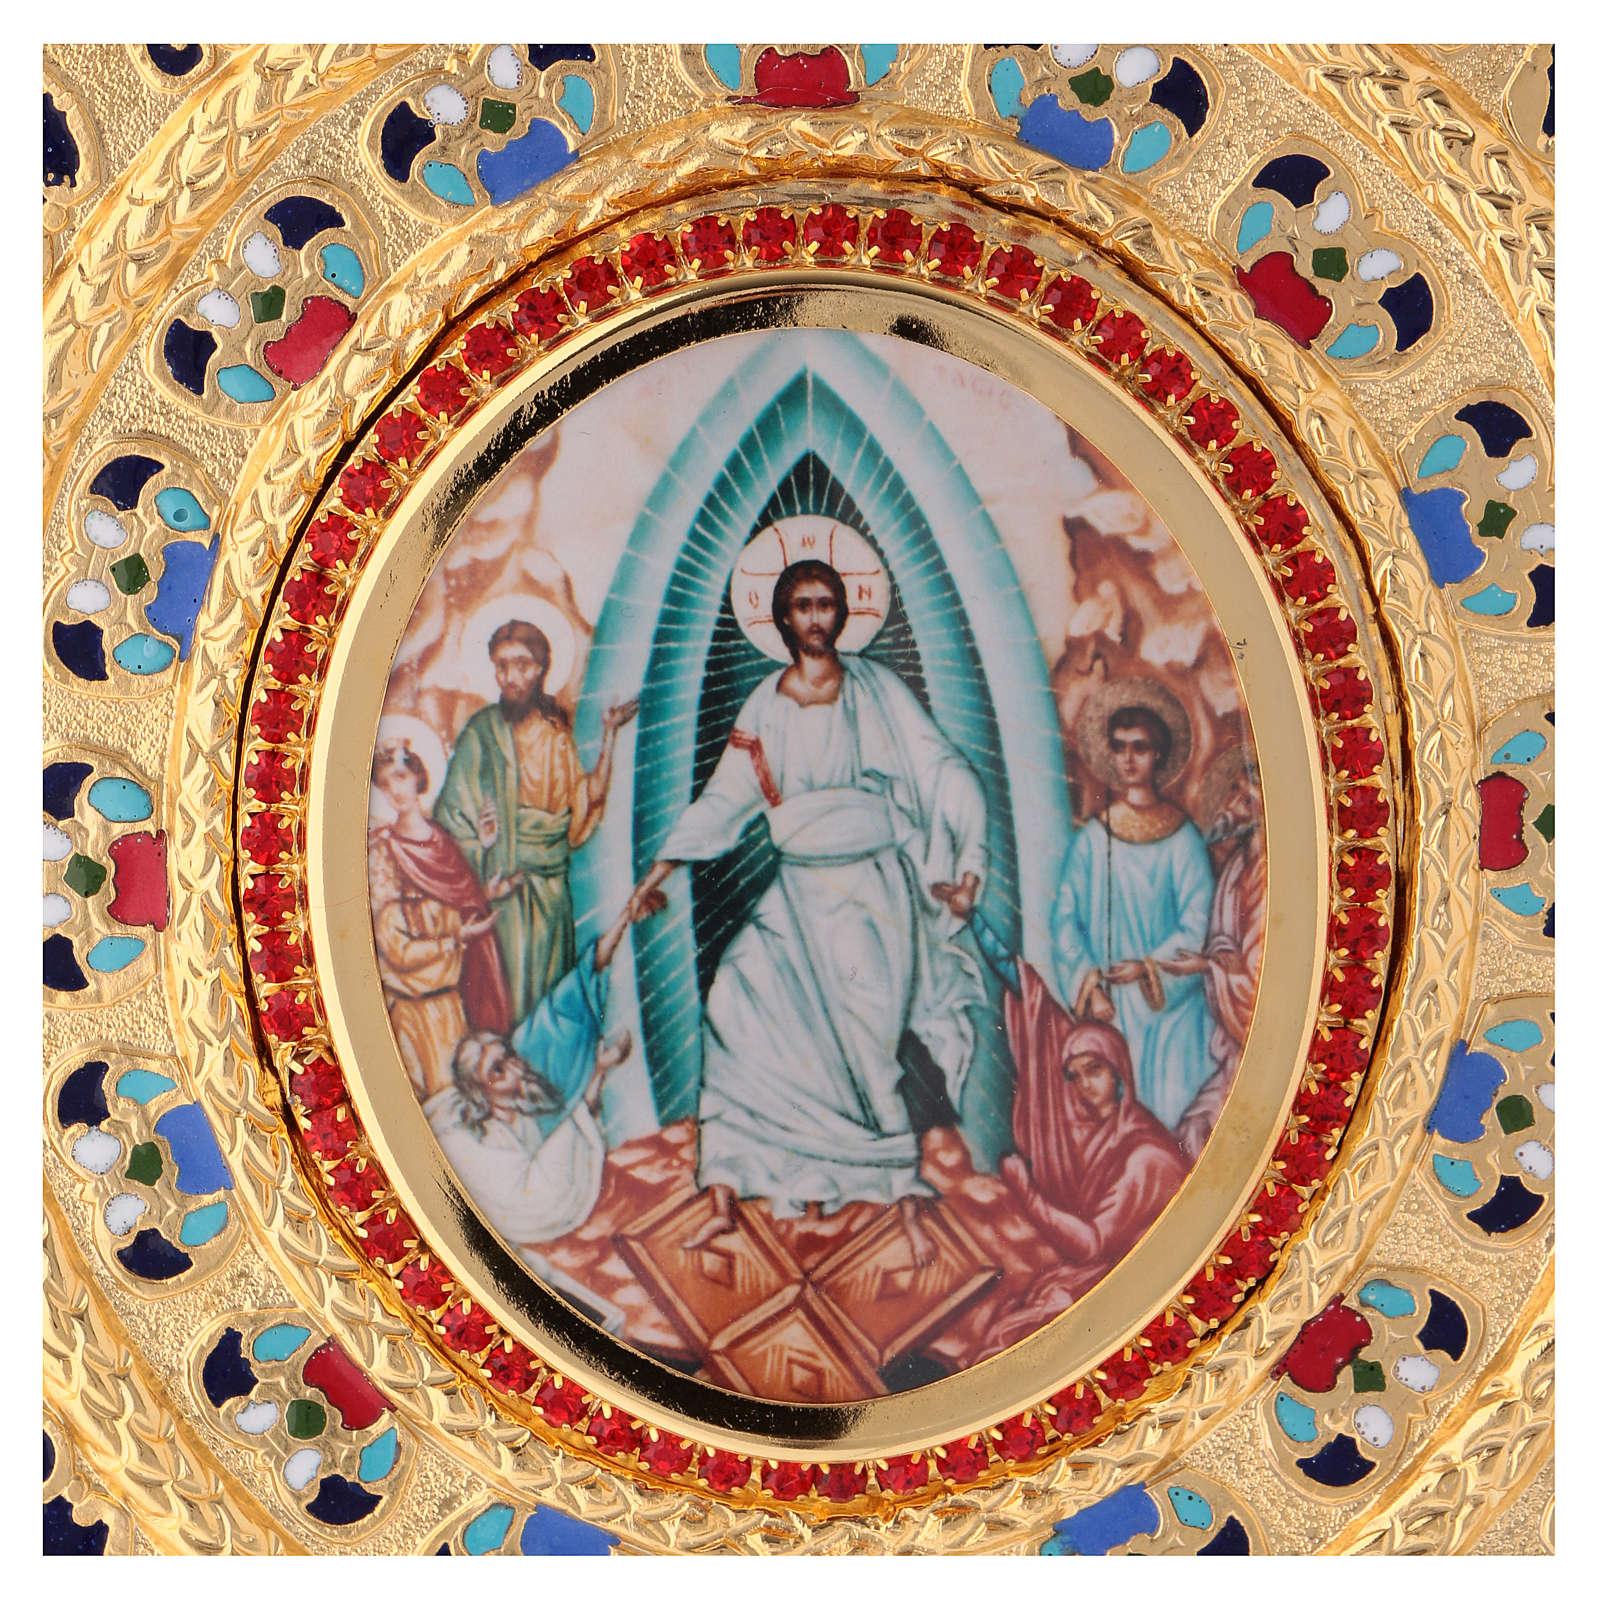 Okładka na ewangeliarz lekcjonarz mosiądz pozłacany 4